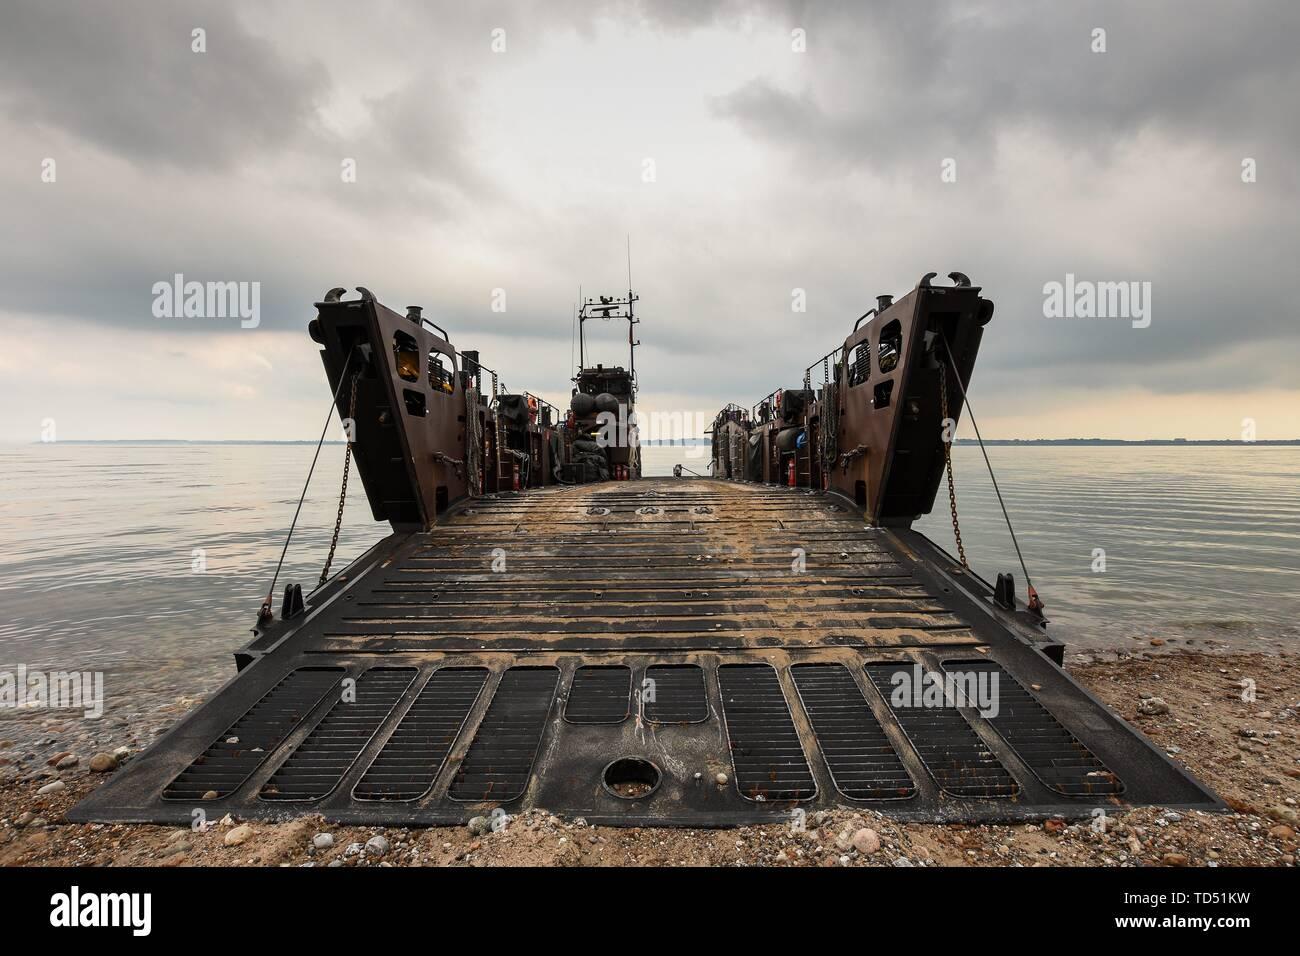 Langholz, Allemagne. 11 Juin, 2019. 11.06.2019, depuis lundi, le 10 juin, la Marine royale britannique gère la guerre amphibie avec le débarquement de l'HMS Albion dans le nord de l'Eckernforder bay à proximité du camping Gut Ludwigsburg près de Langholz dans le cadre de l'Manovers BALTOPS 2019. LCU Mk 10 L9732 avec rampe ouverte à l'avant. | conditions dans le monde entier: dpa Crédit photo alliance/Alamy Live News Photo Stock